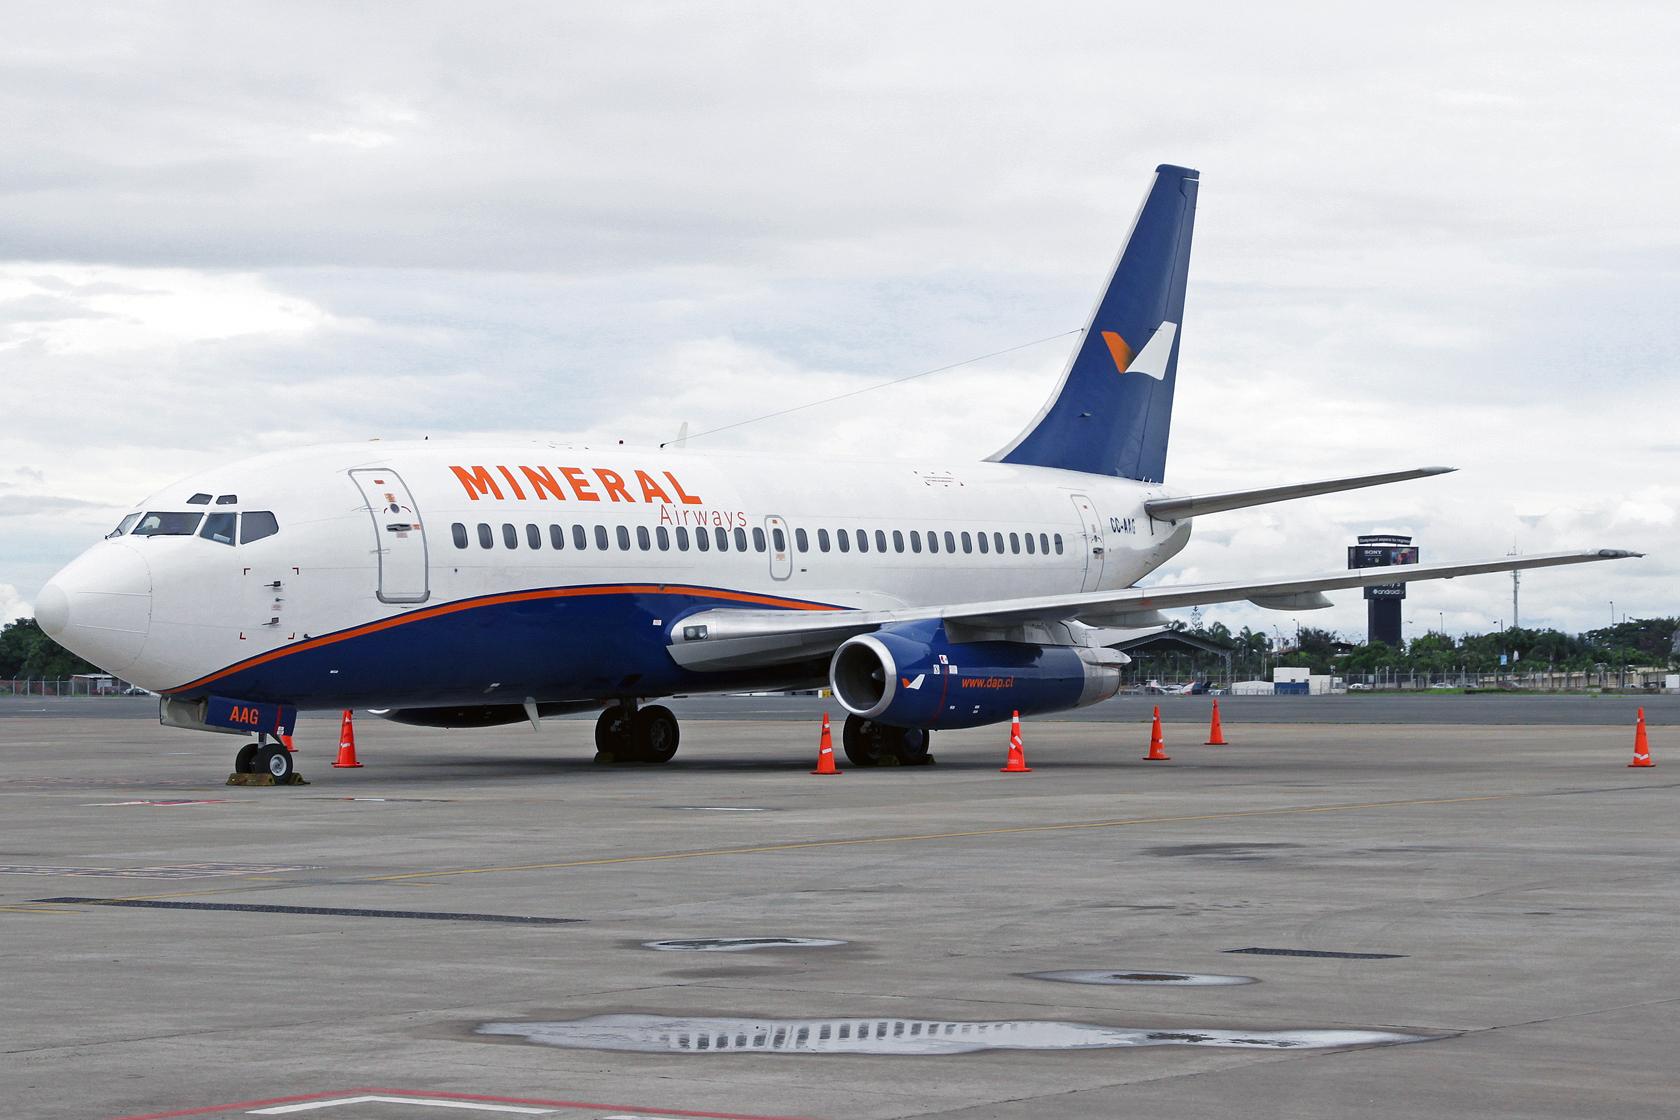 Mineral Airways Boeing 737-247Adc CC-AAG - Mineral Airways ist eine Tochtergesellschaft der Aerovías DAP und betreibt zwei 737-200.